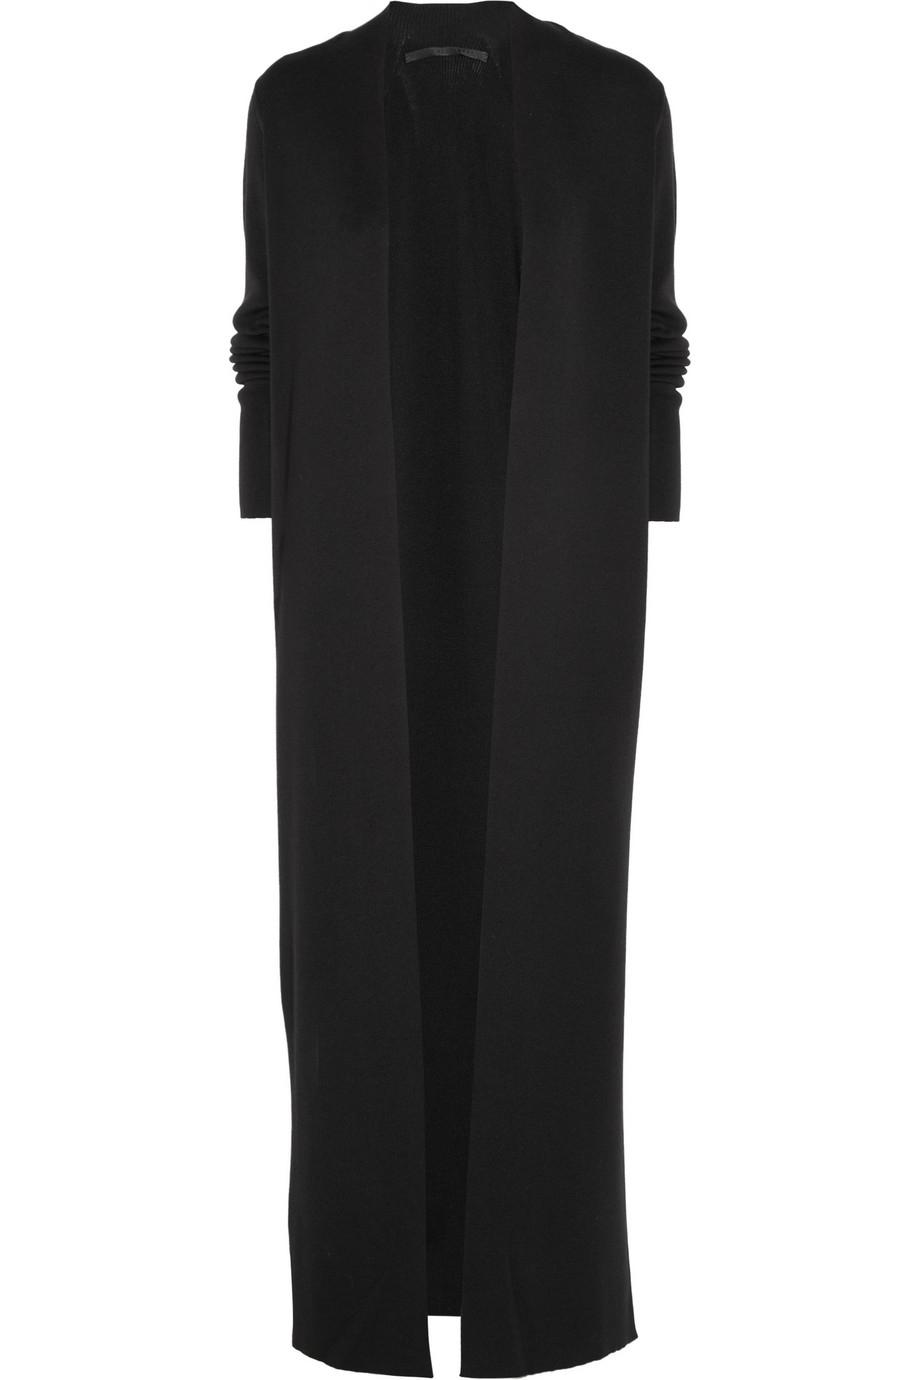 Haider ackermann Wool and Silkblend Maxi Cardigan in Black | Lyst